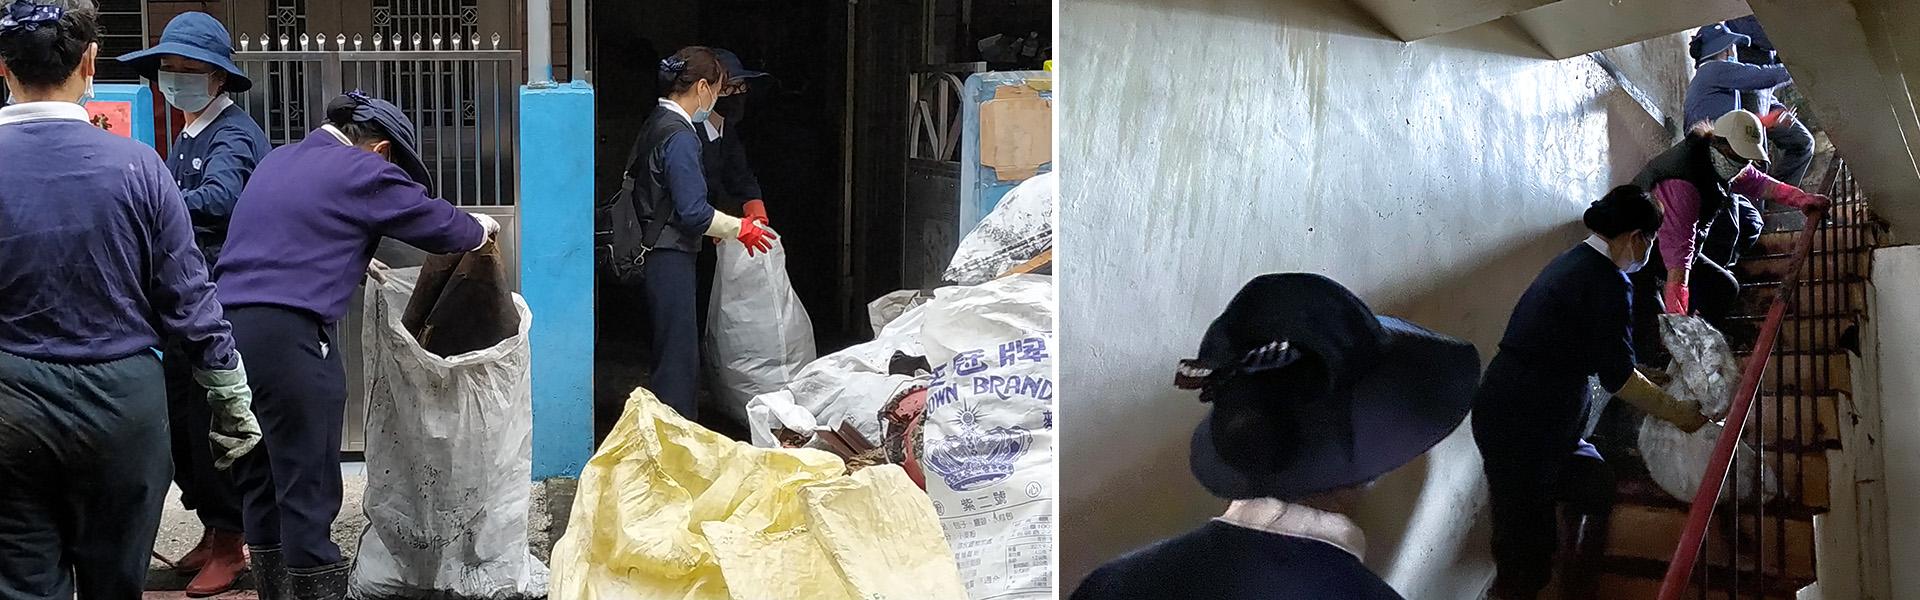 志工用接龍方式將廢棄物從樓上一袋袋地搬到樓下,將屋內清理乾淨。